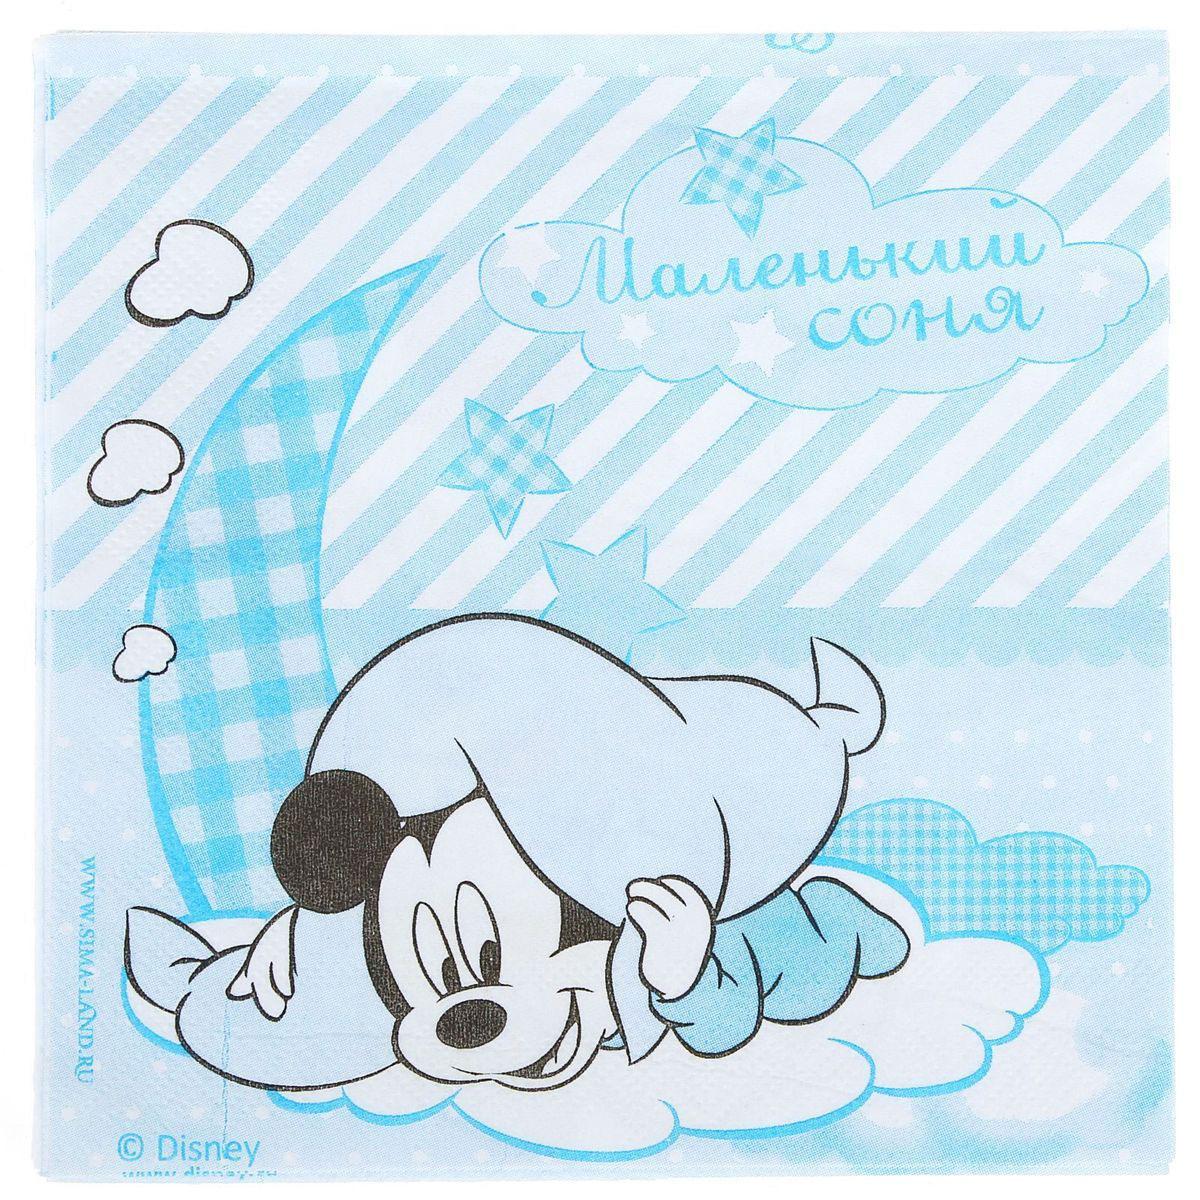 Салфетка для декупажа Disney Микки Маус. Сладкий малыш, 33 х 33 см1189461Салфетка для декупажа изготовлена из тонкой, но качественной бумаги. Легко приклеится к основе и сохранит при этом насыщенность красок и четкость линий.Создавайте свои уникальные шедевры!